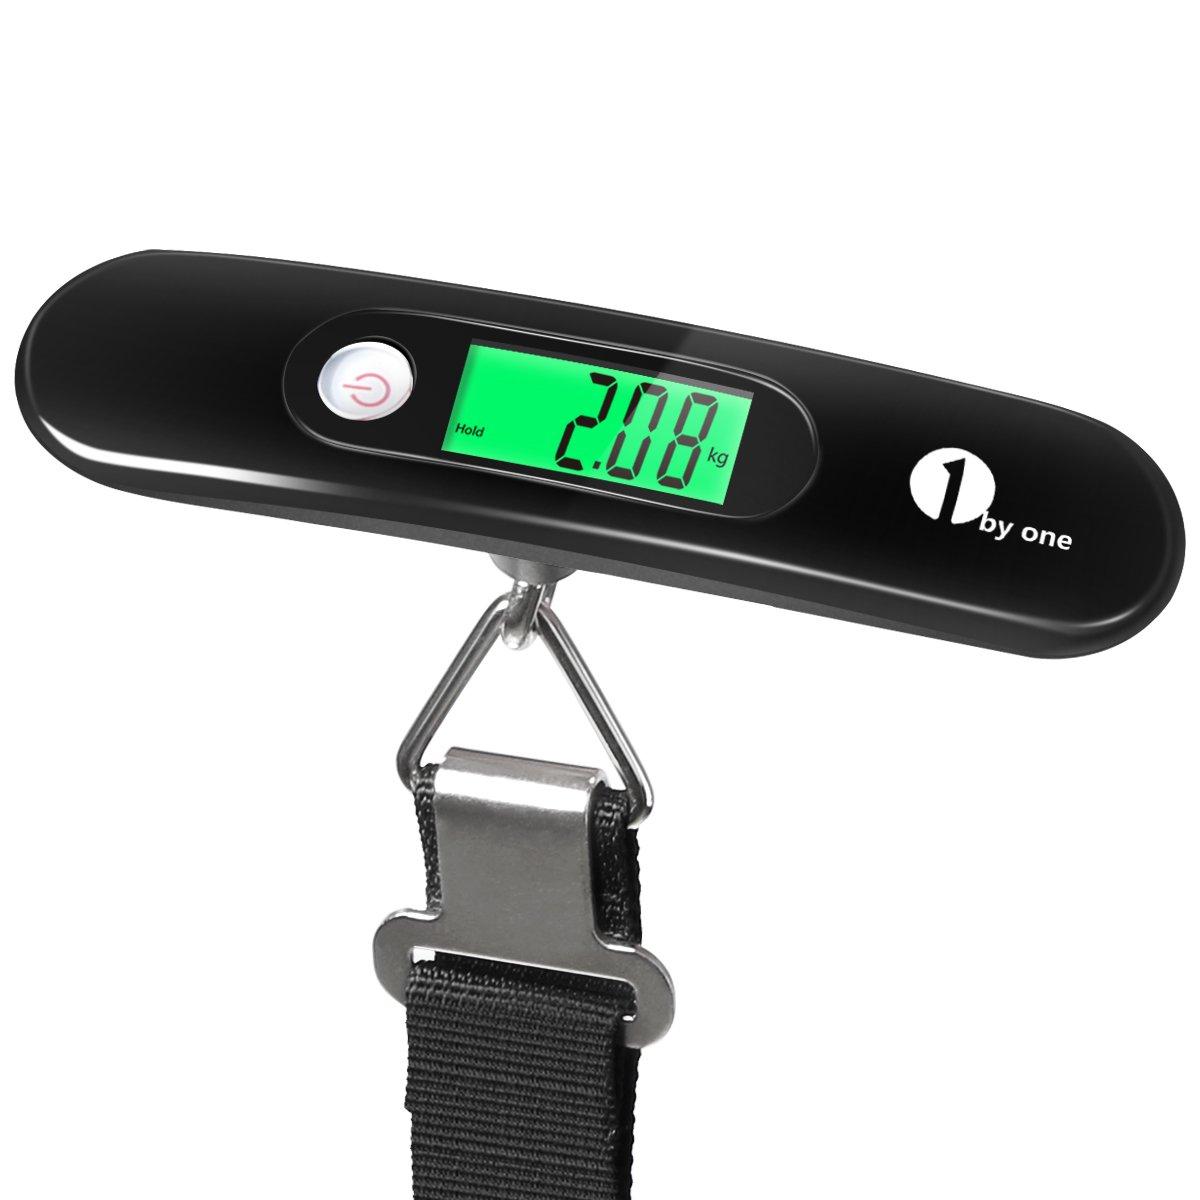 1byone báscula digital colgante para maletas con pantalla LCD con luz de fondo, apagado automático y función de tara, capacidad 50kg, negra: Amazon.es: ...